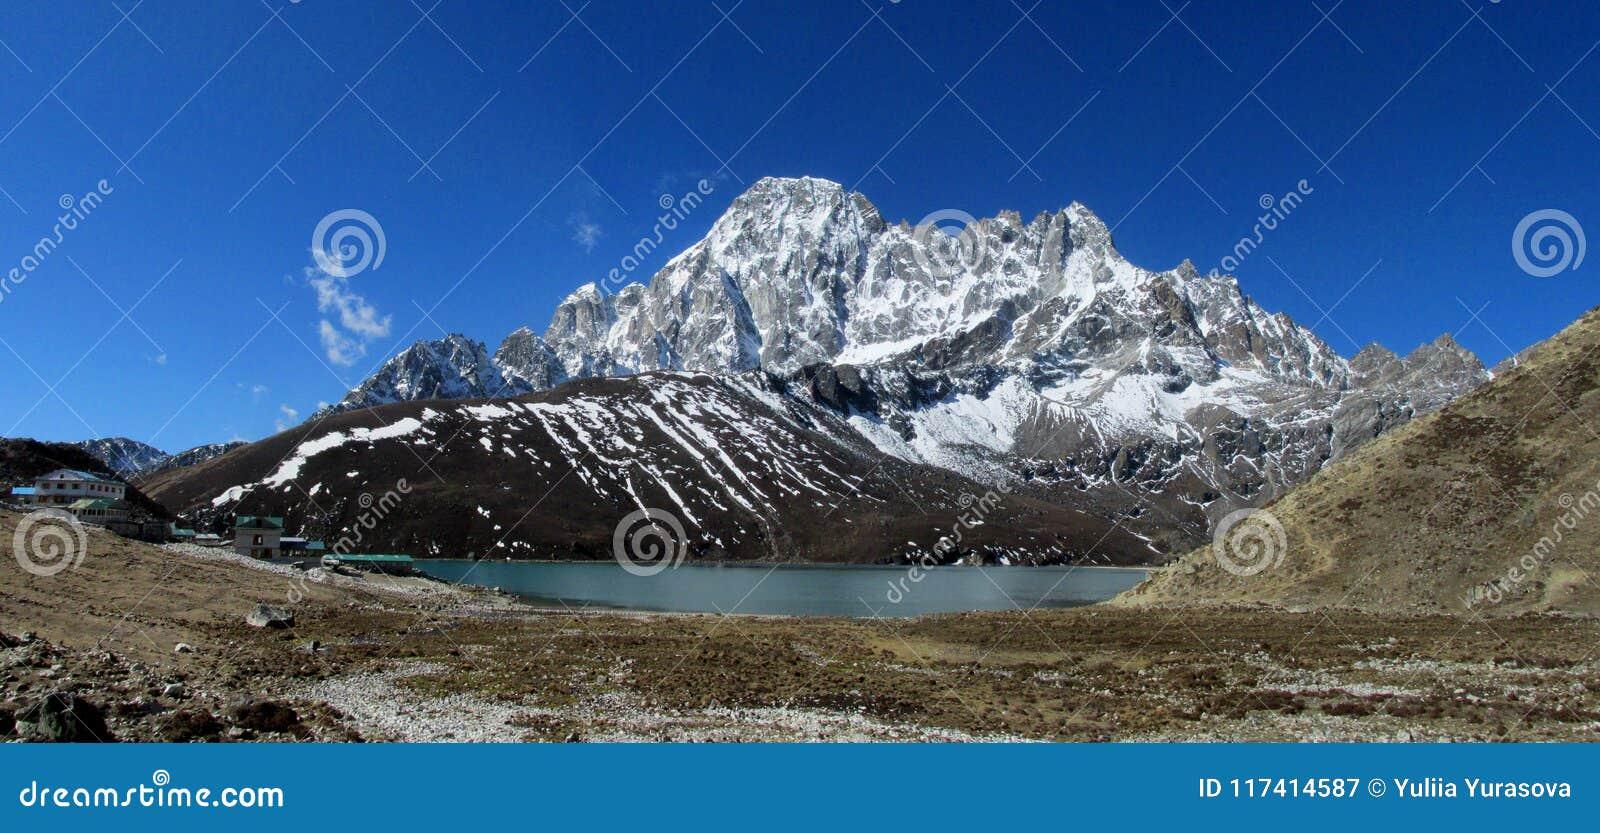 Himalaya mountains and lake panorama beautiful scenery